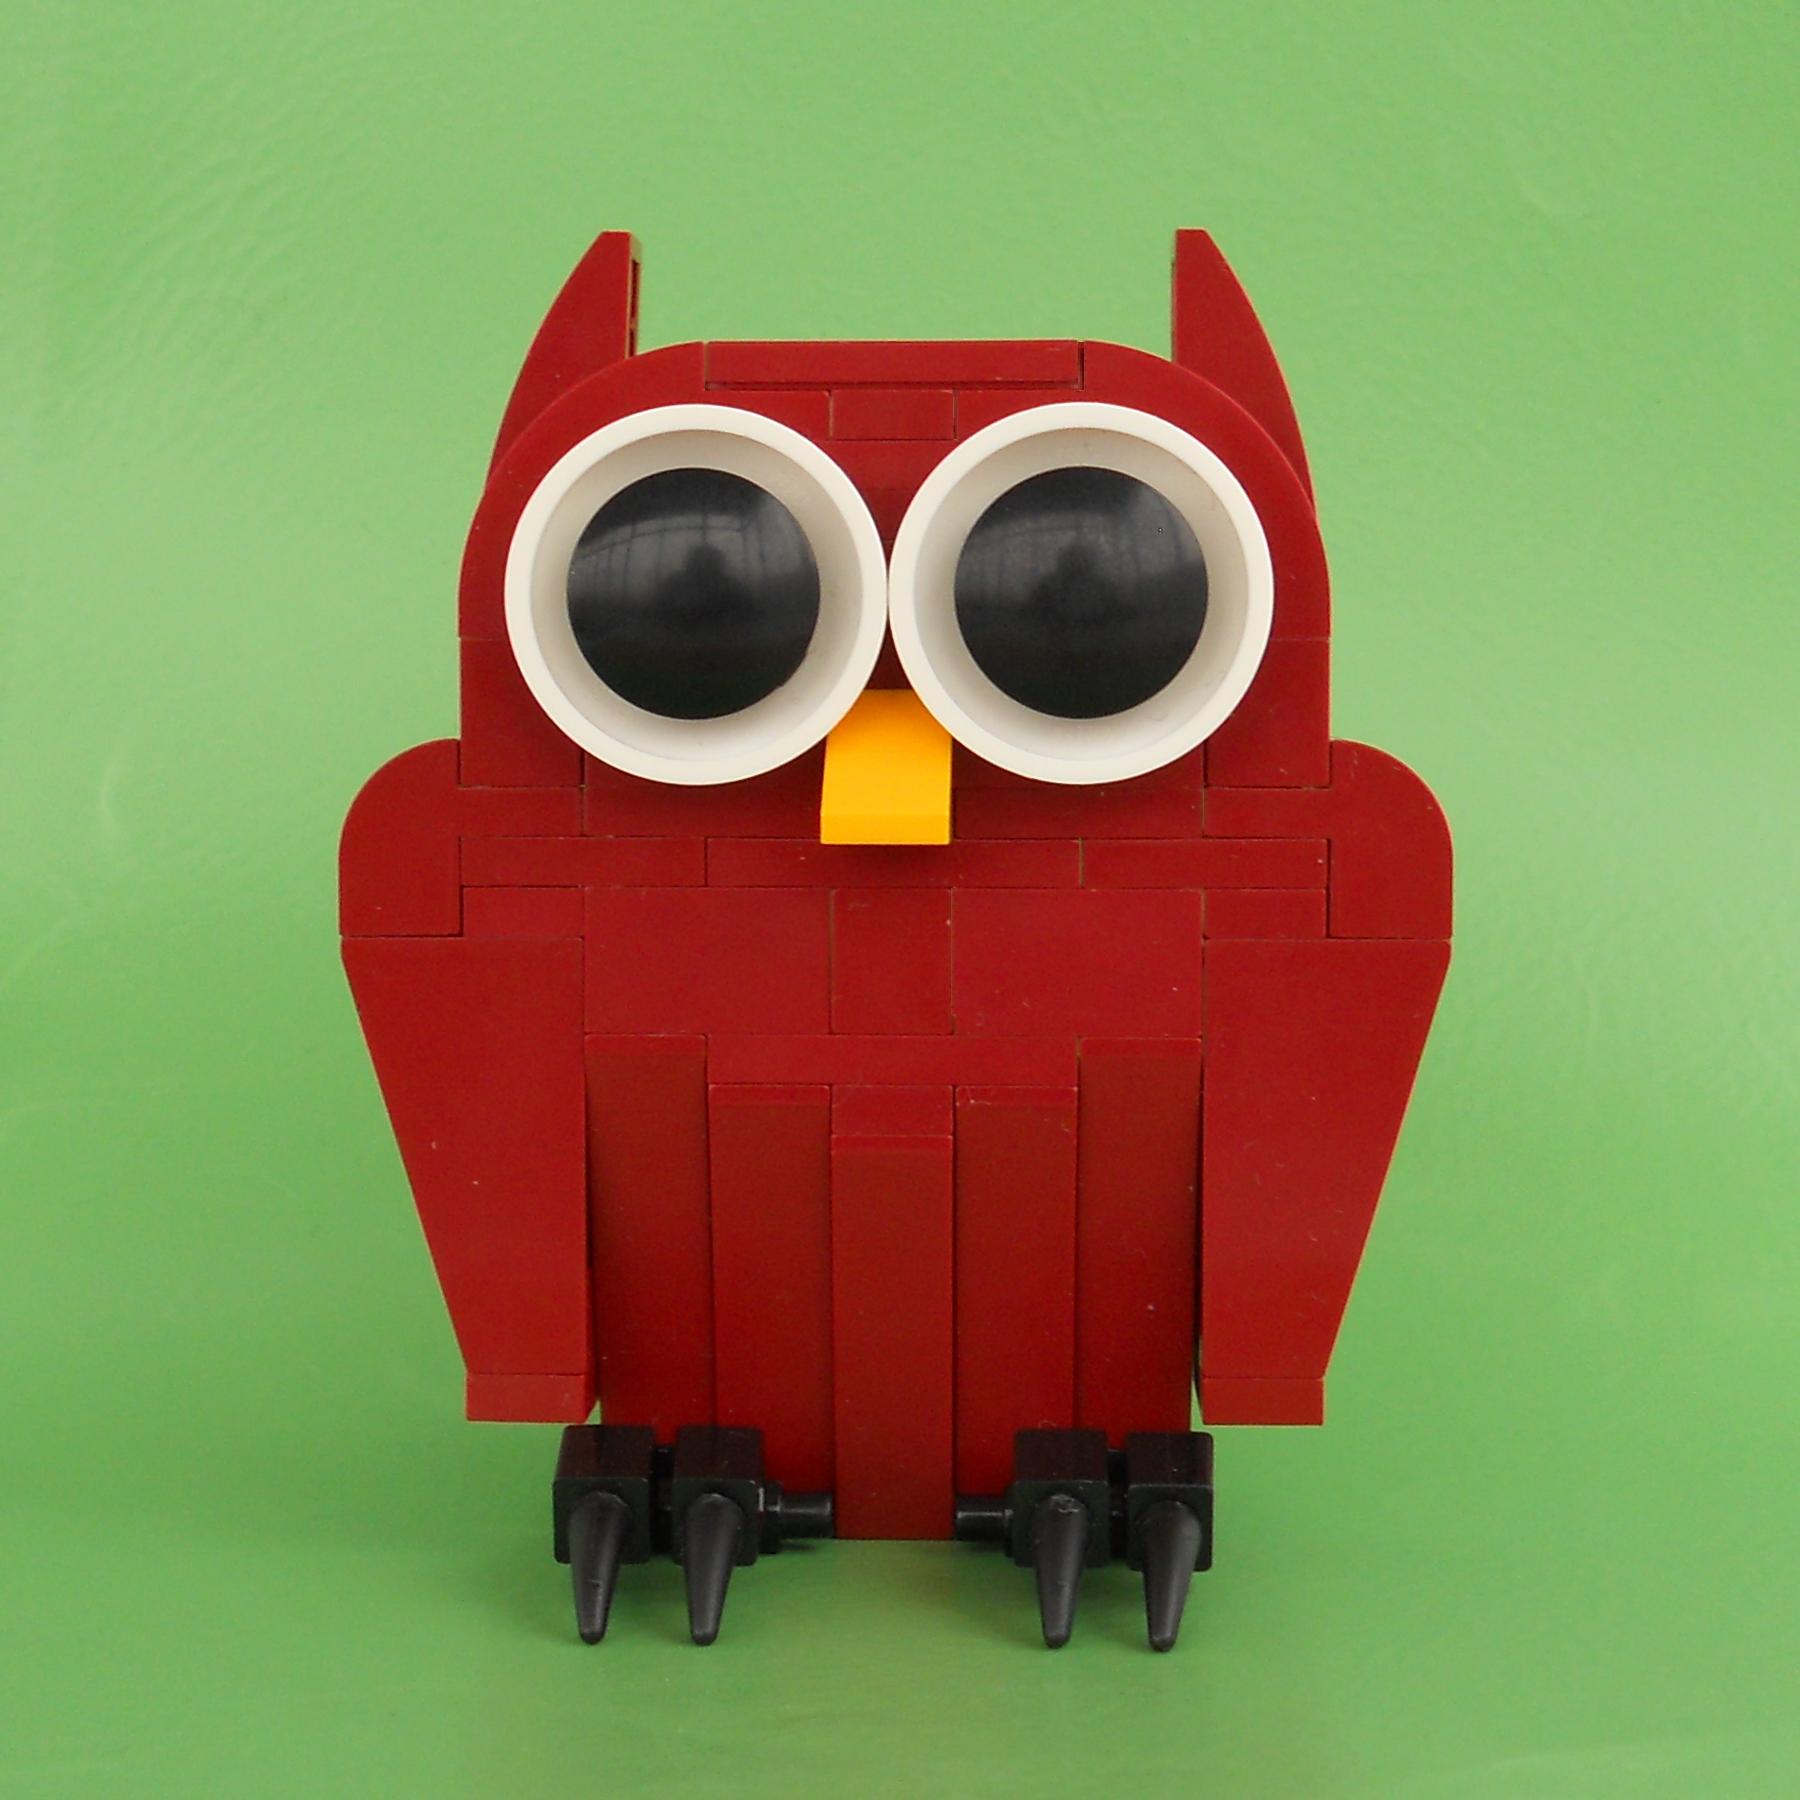 Tiny Owl by MihaiMariusMihu